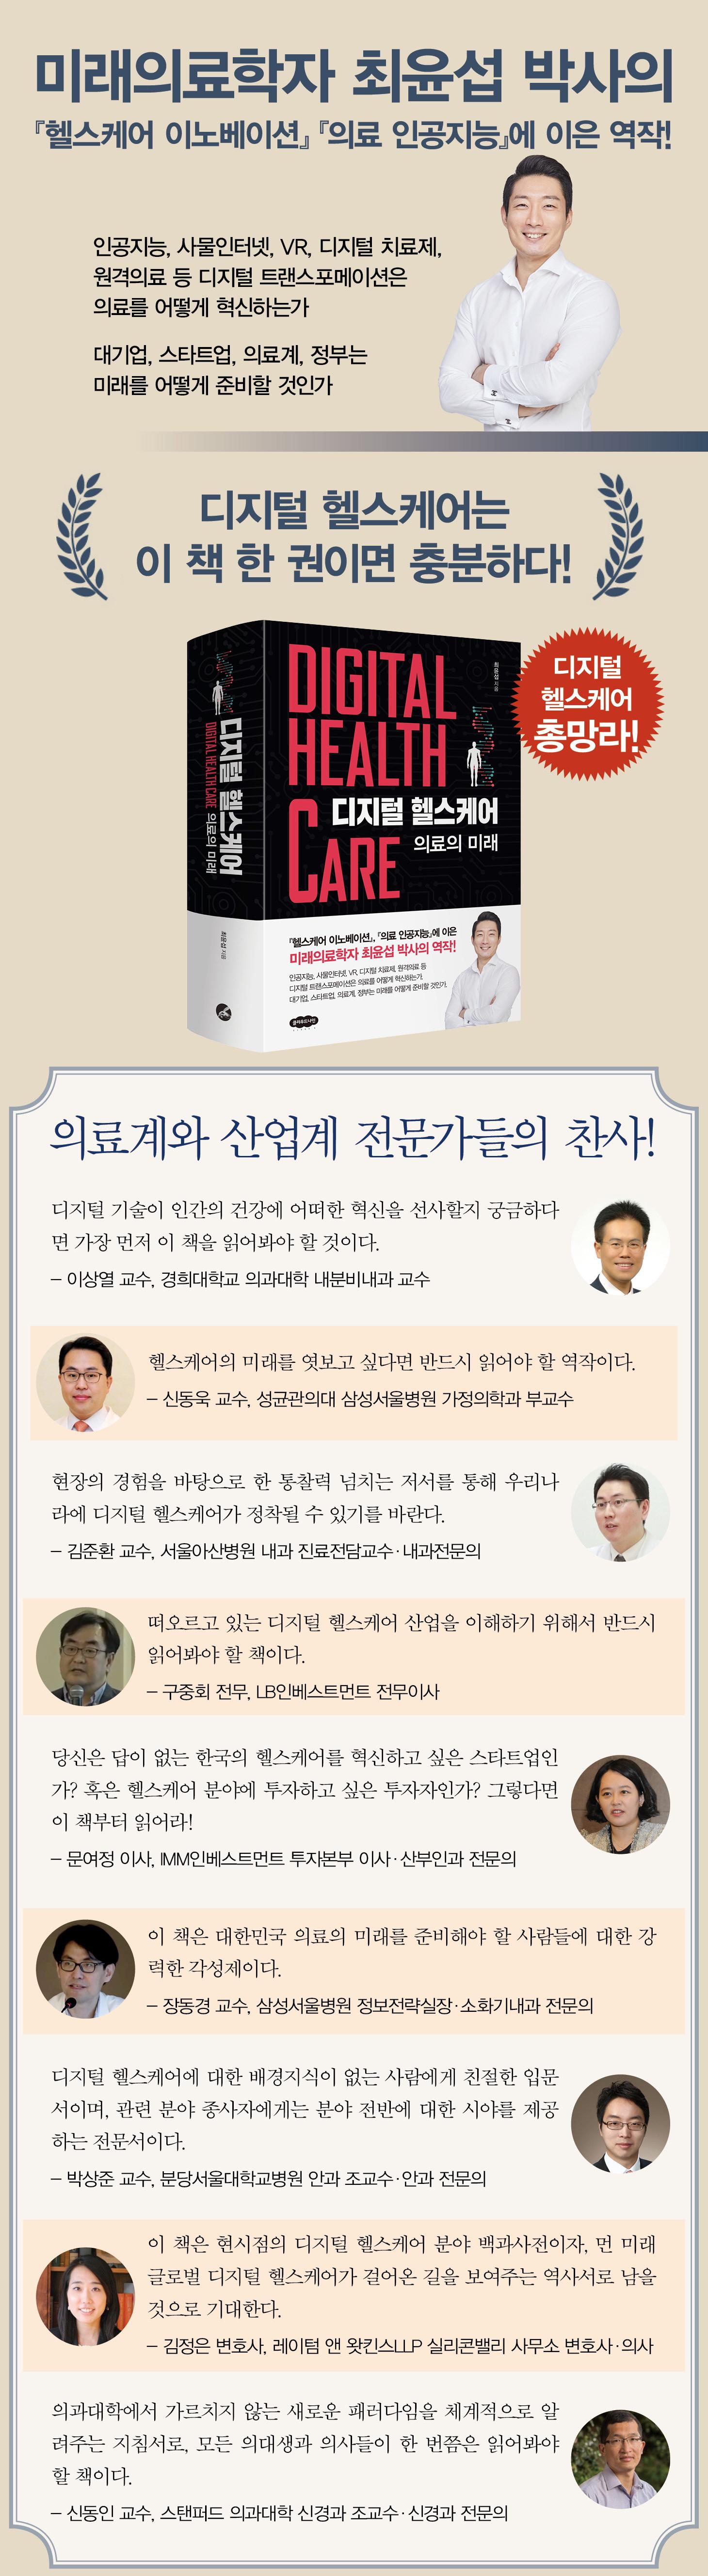 디지털 헬스케어: 의료의 미래(양장본 HardCover) 도서 상세이미지